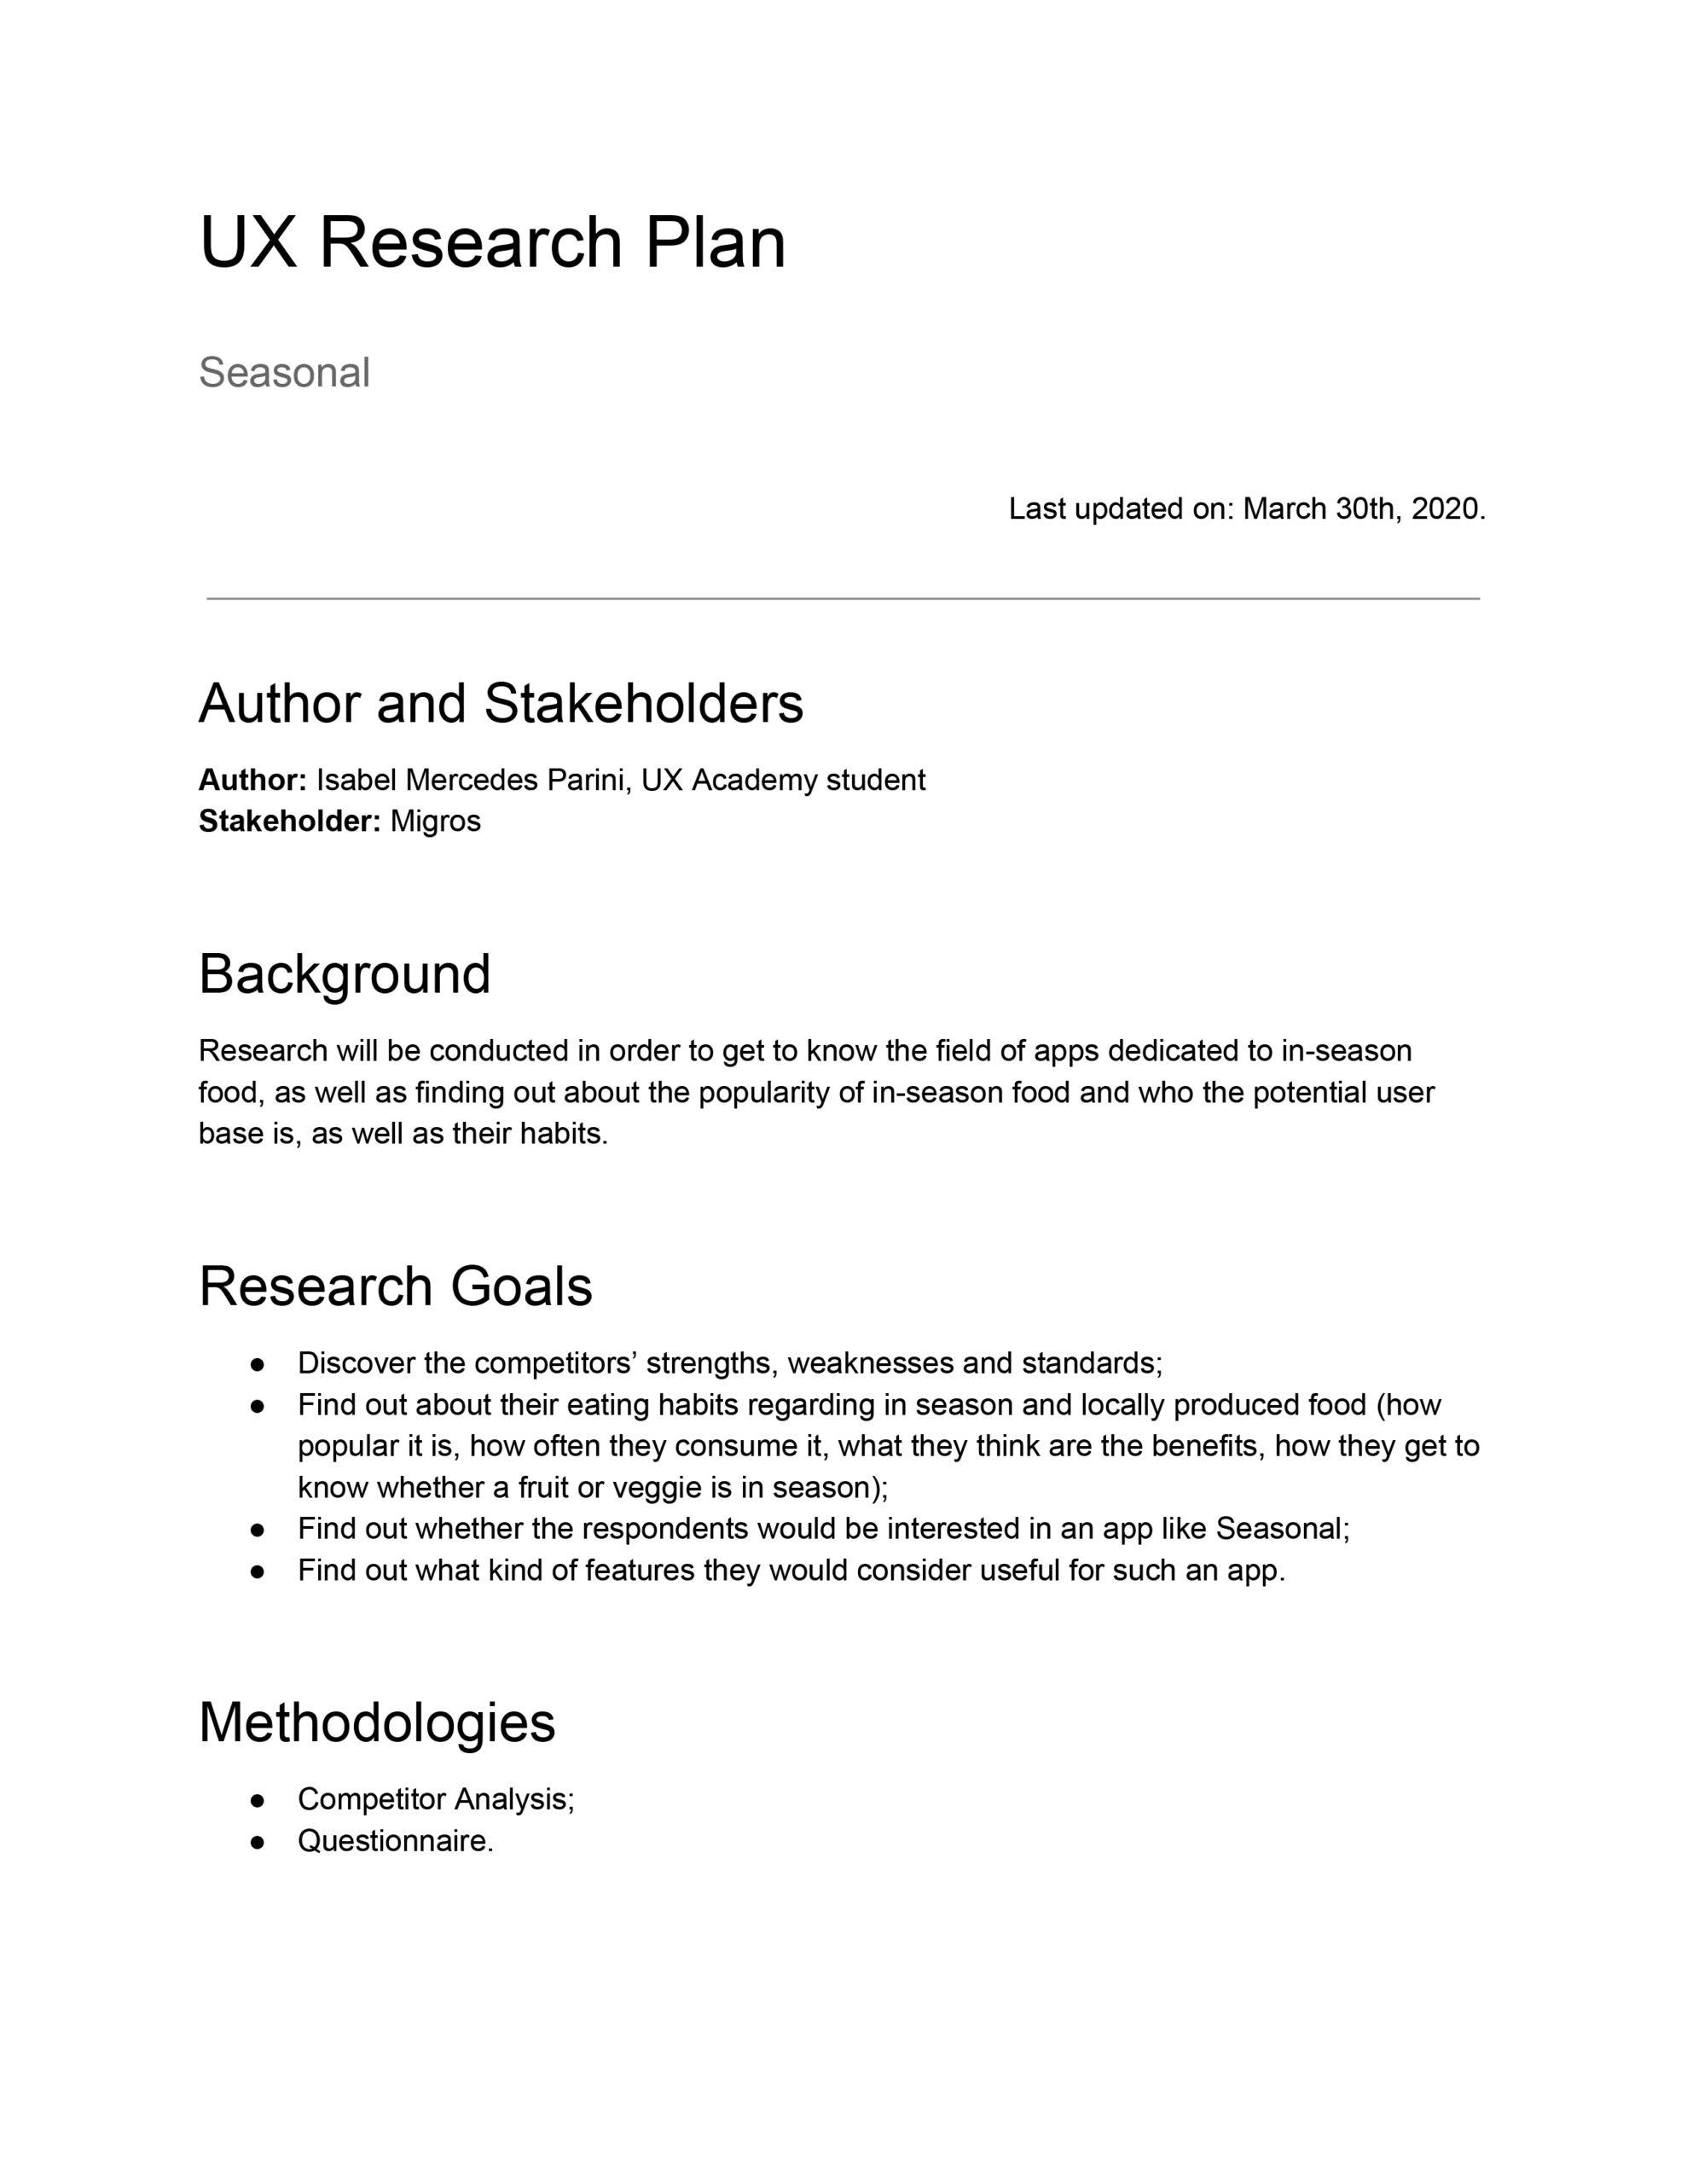 02-Seasonal-UX-Research-Plan_v20200330-1_page1